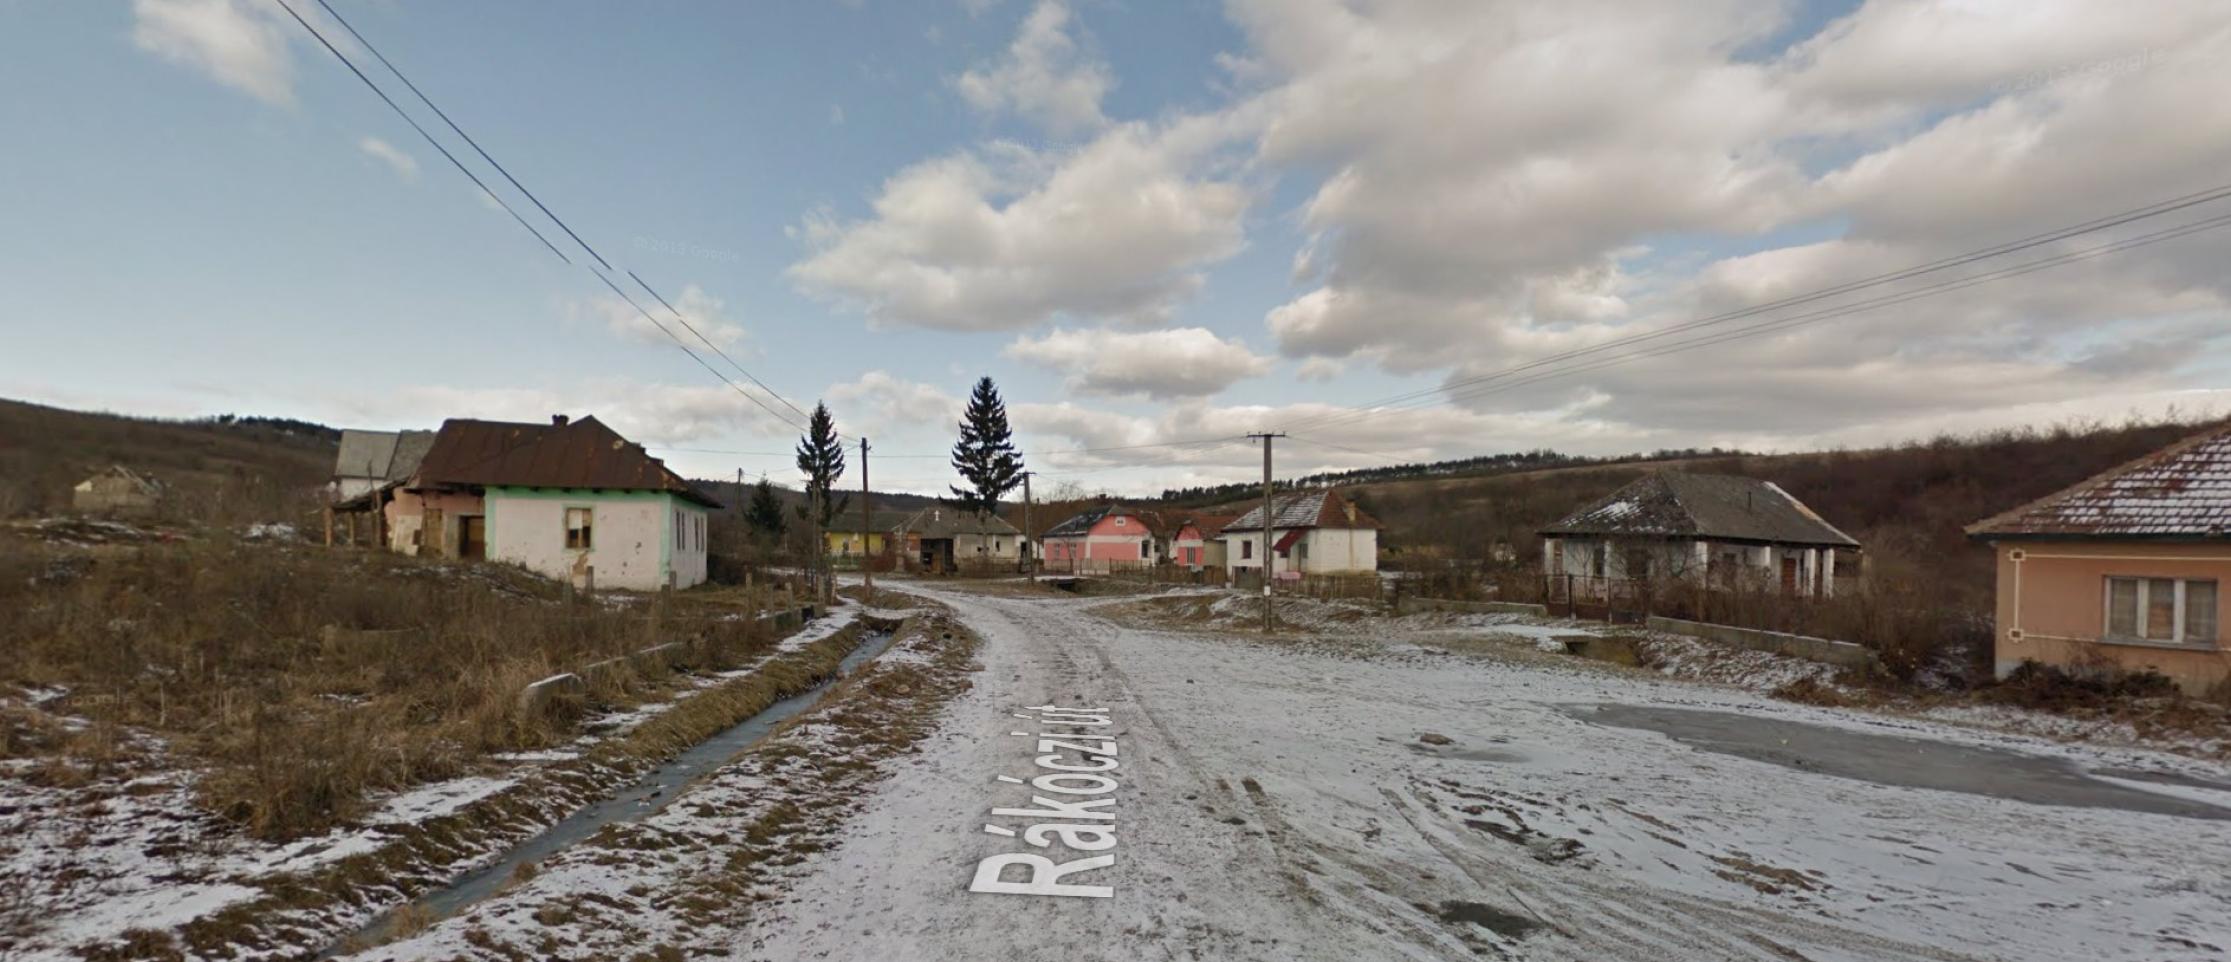 Csetenye utcakép Google Street View fotón